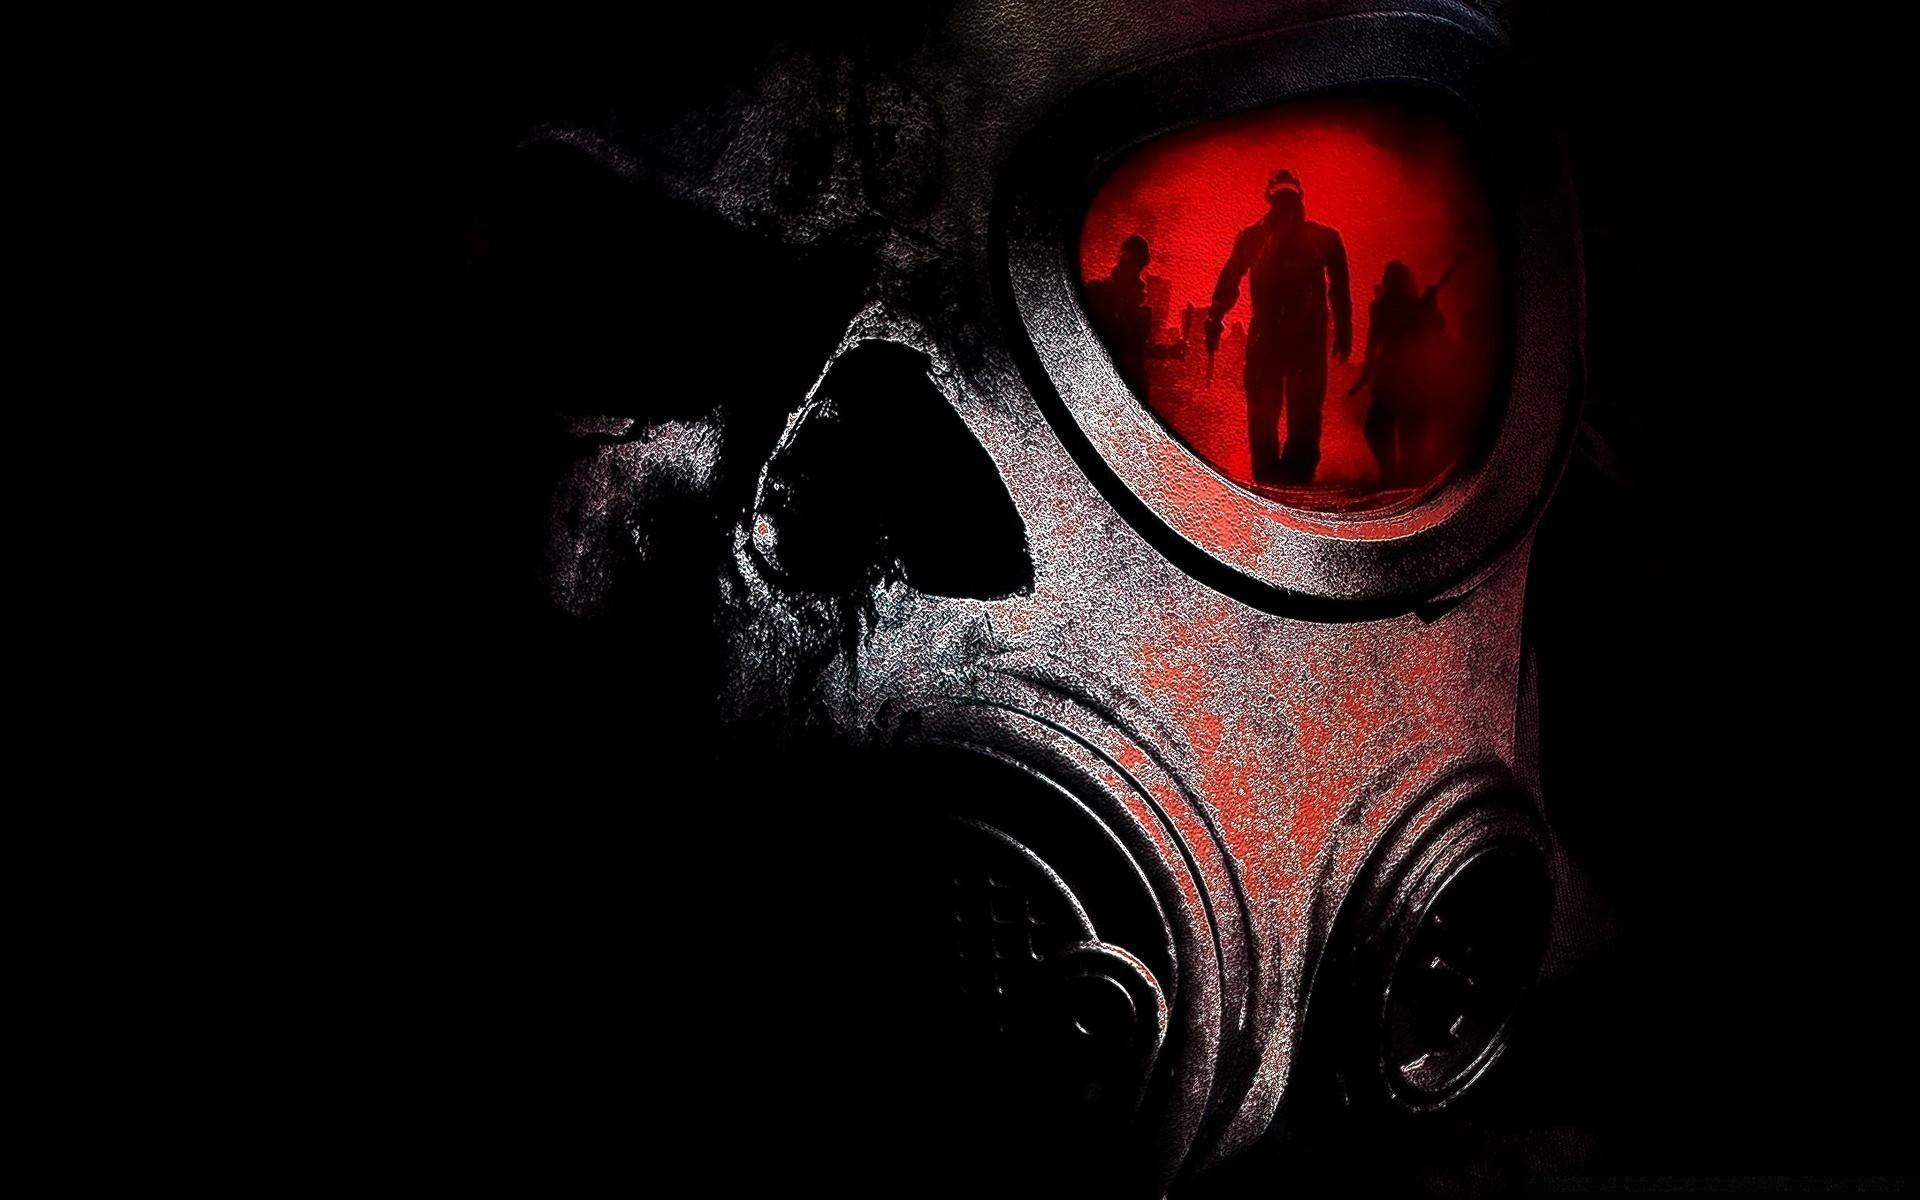 infantry horror dark face scary halloween vicious art skittish fear desktop  danger monster creepy smoke ghost